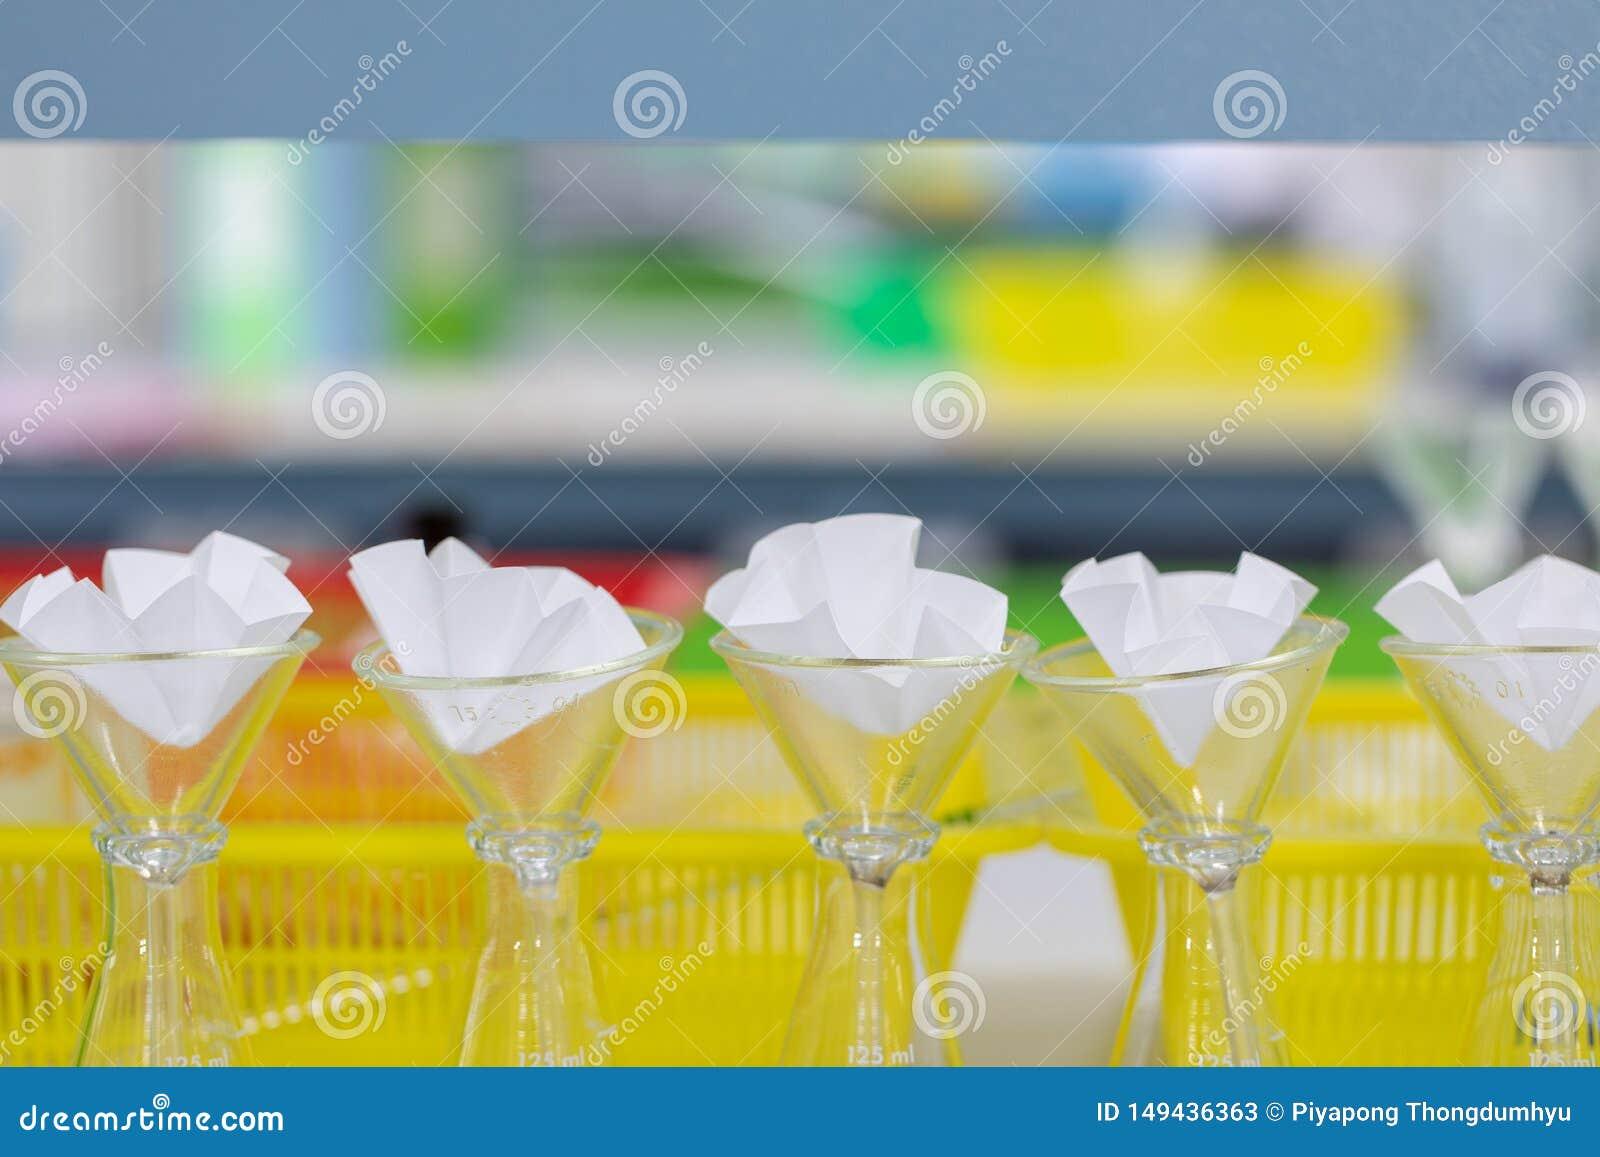 L ?tude s?parant par filtration les substances composantes du m?lange liquide